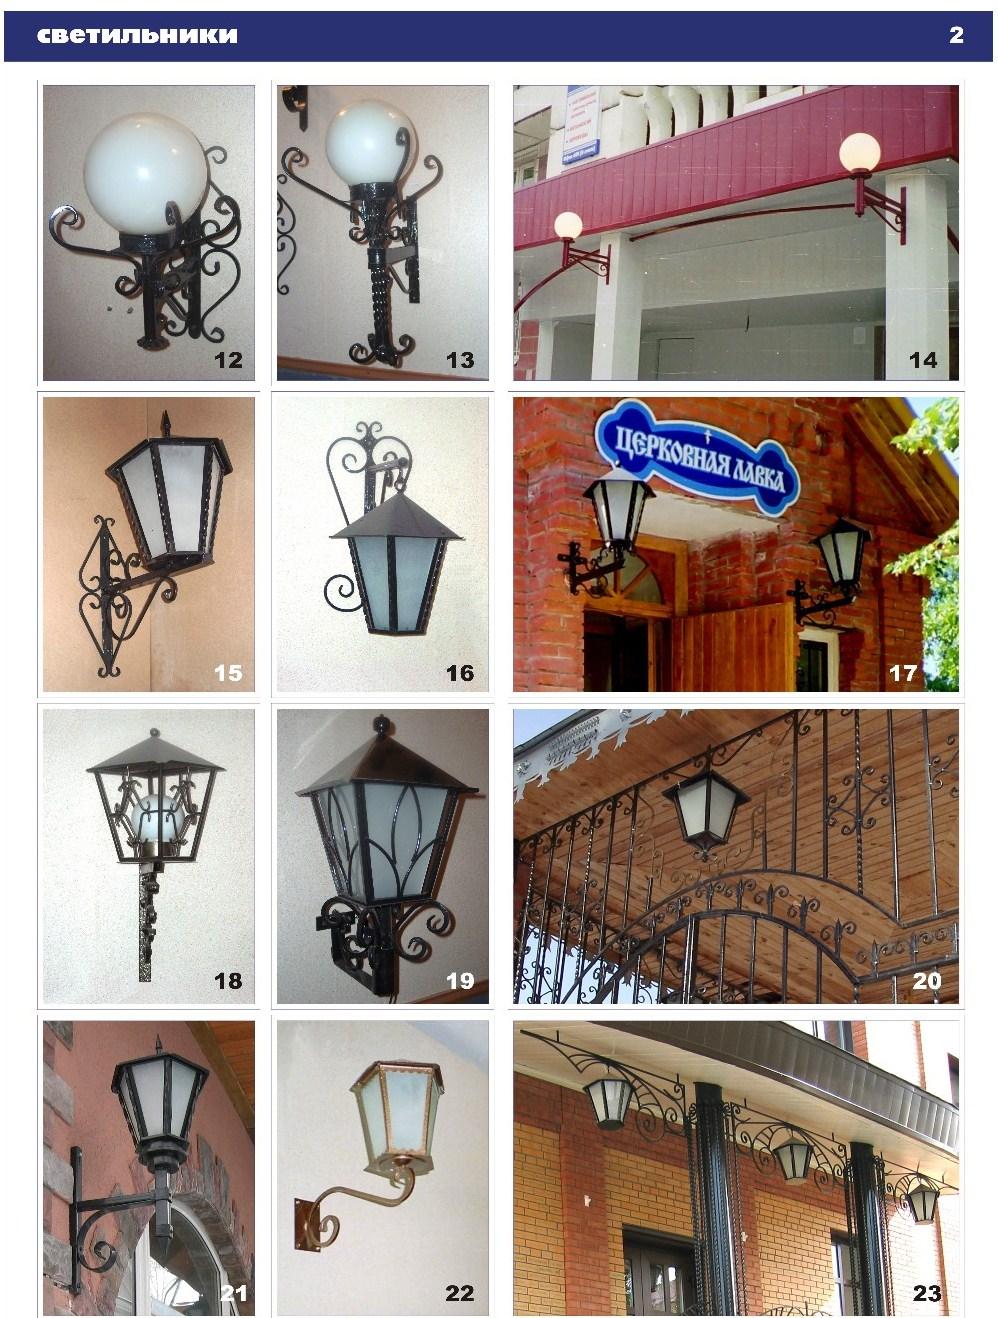 Прайс фонари решётки ворота прайс